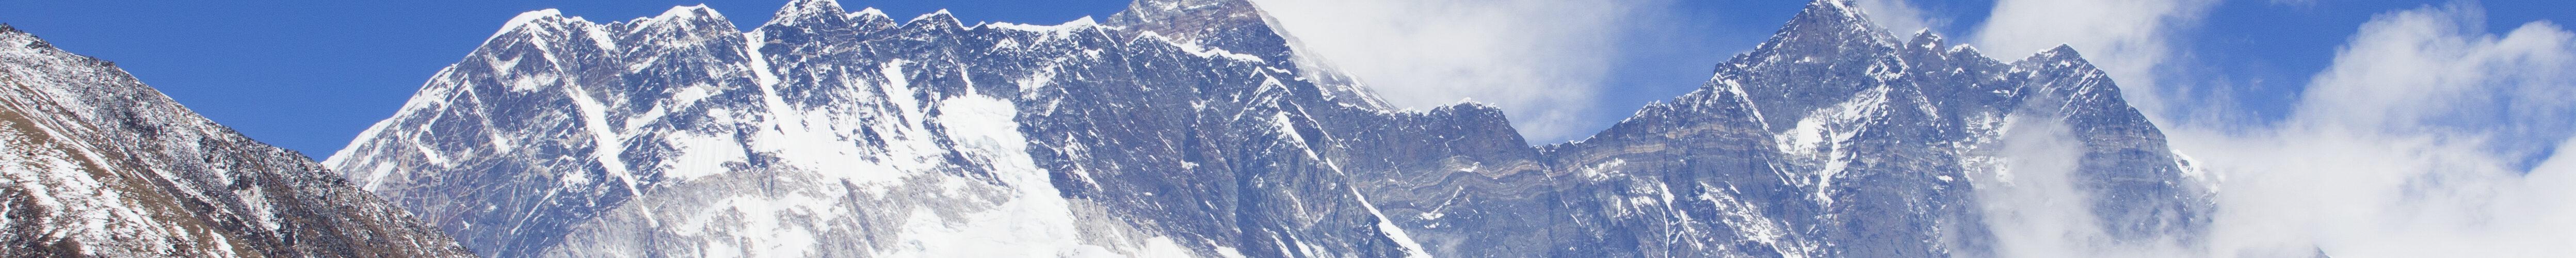 Lhotsevæggen og Mount Everest